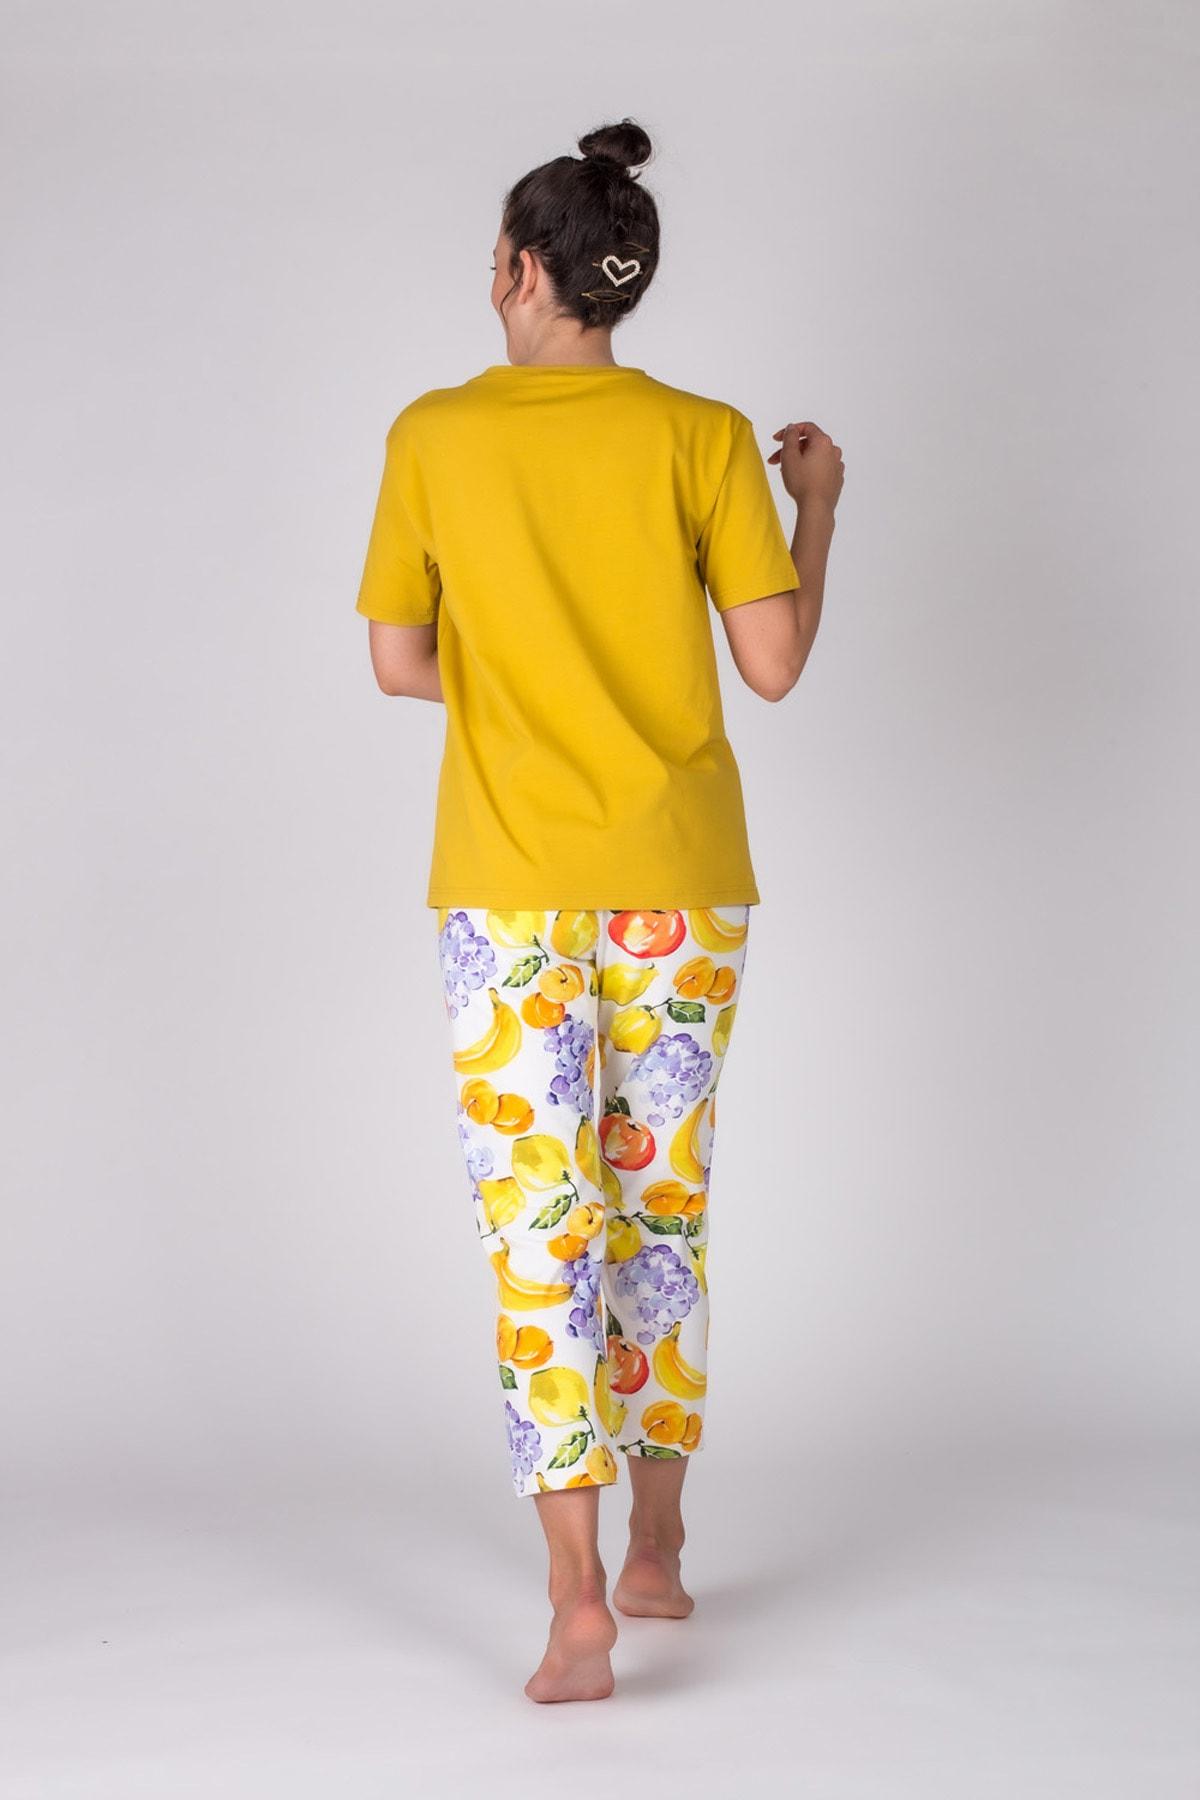 Hays Kadın Hardal Kısa Kollu Midi Pijama Takımı 2